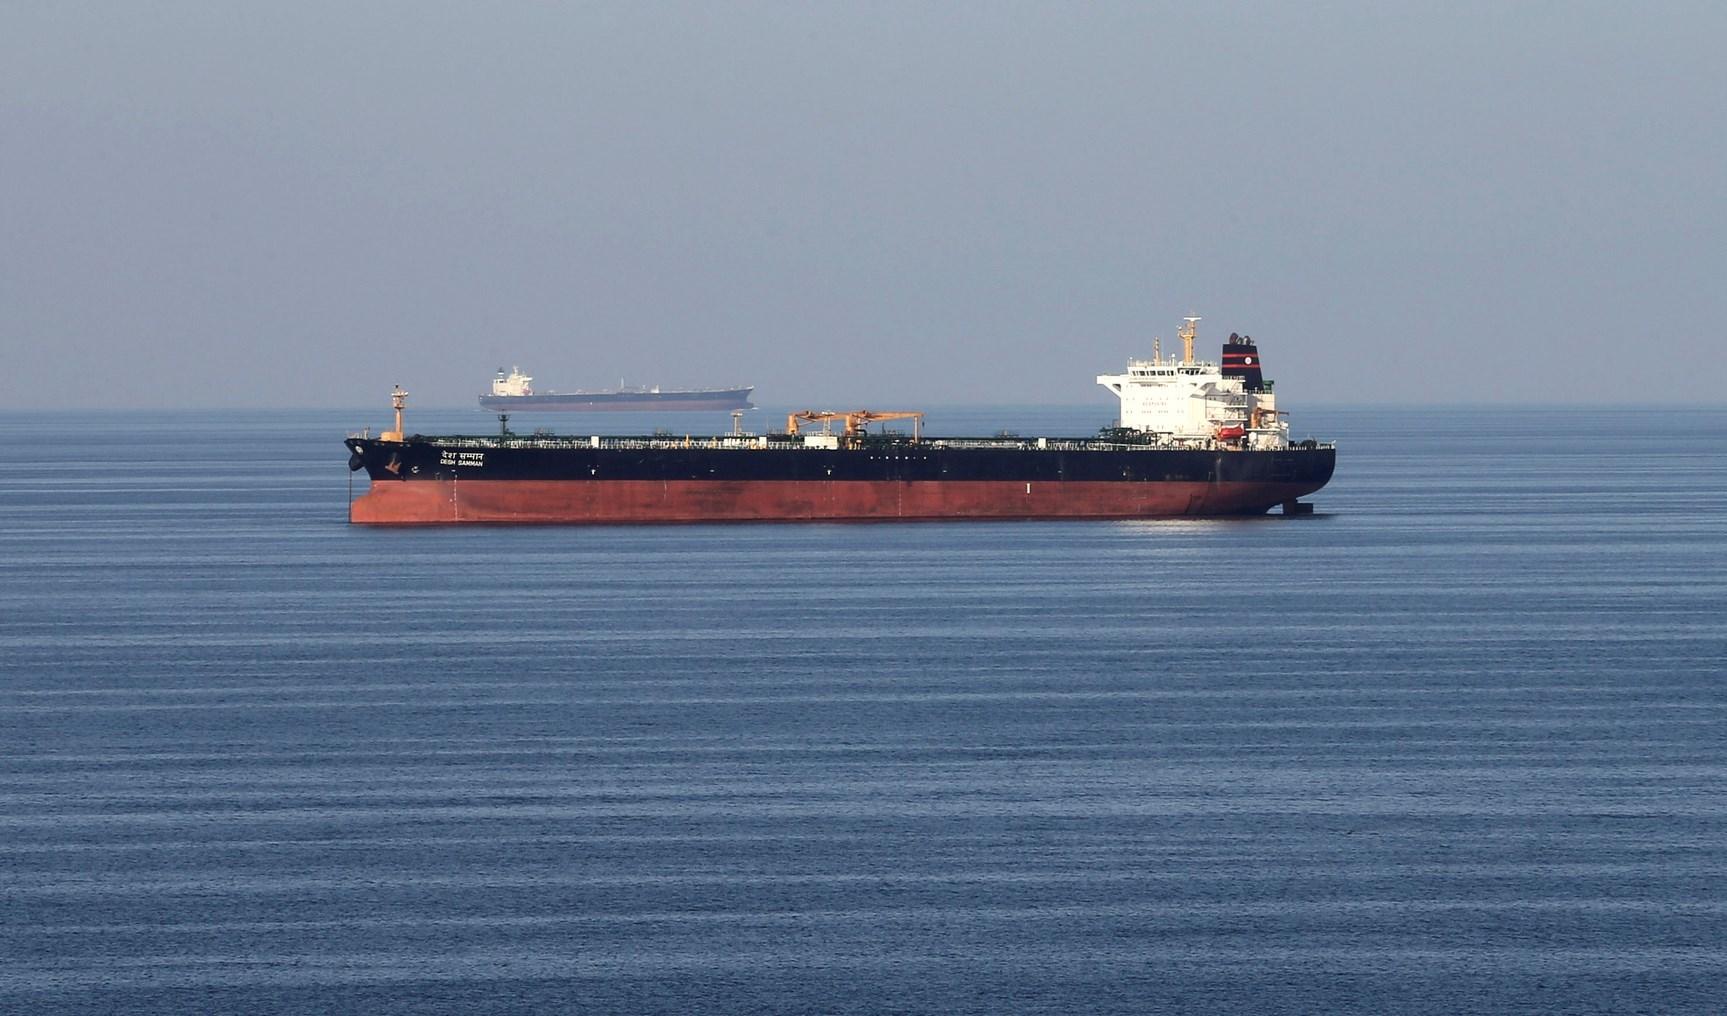 ناقلة مخصصة لنقل الوقود تعرضت لهجوم بقارب مفخخ في ميناء جدة